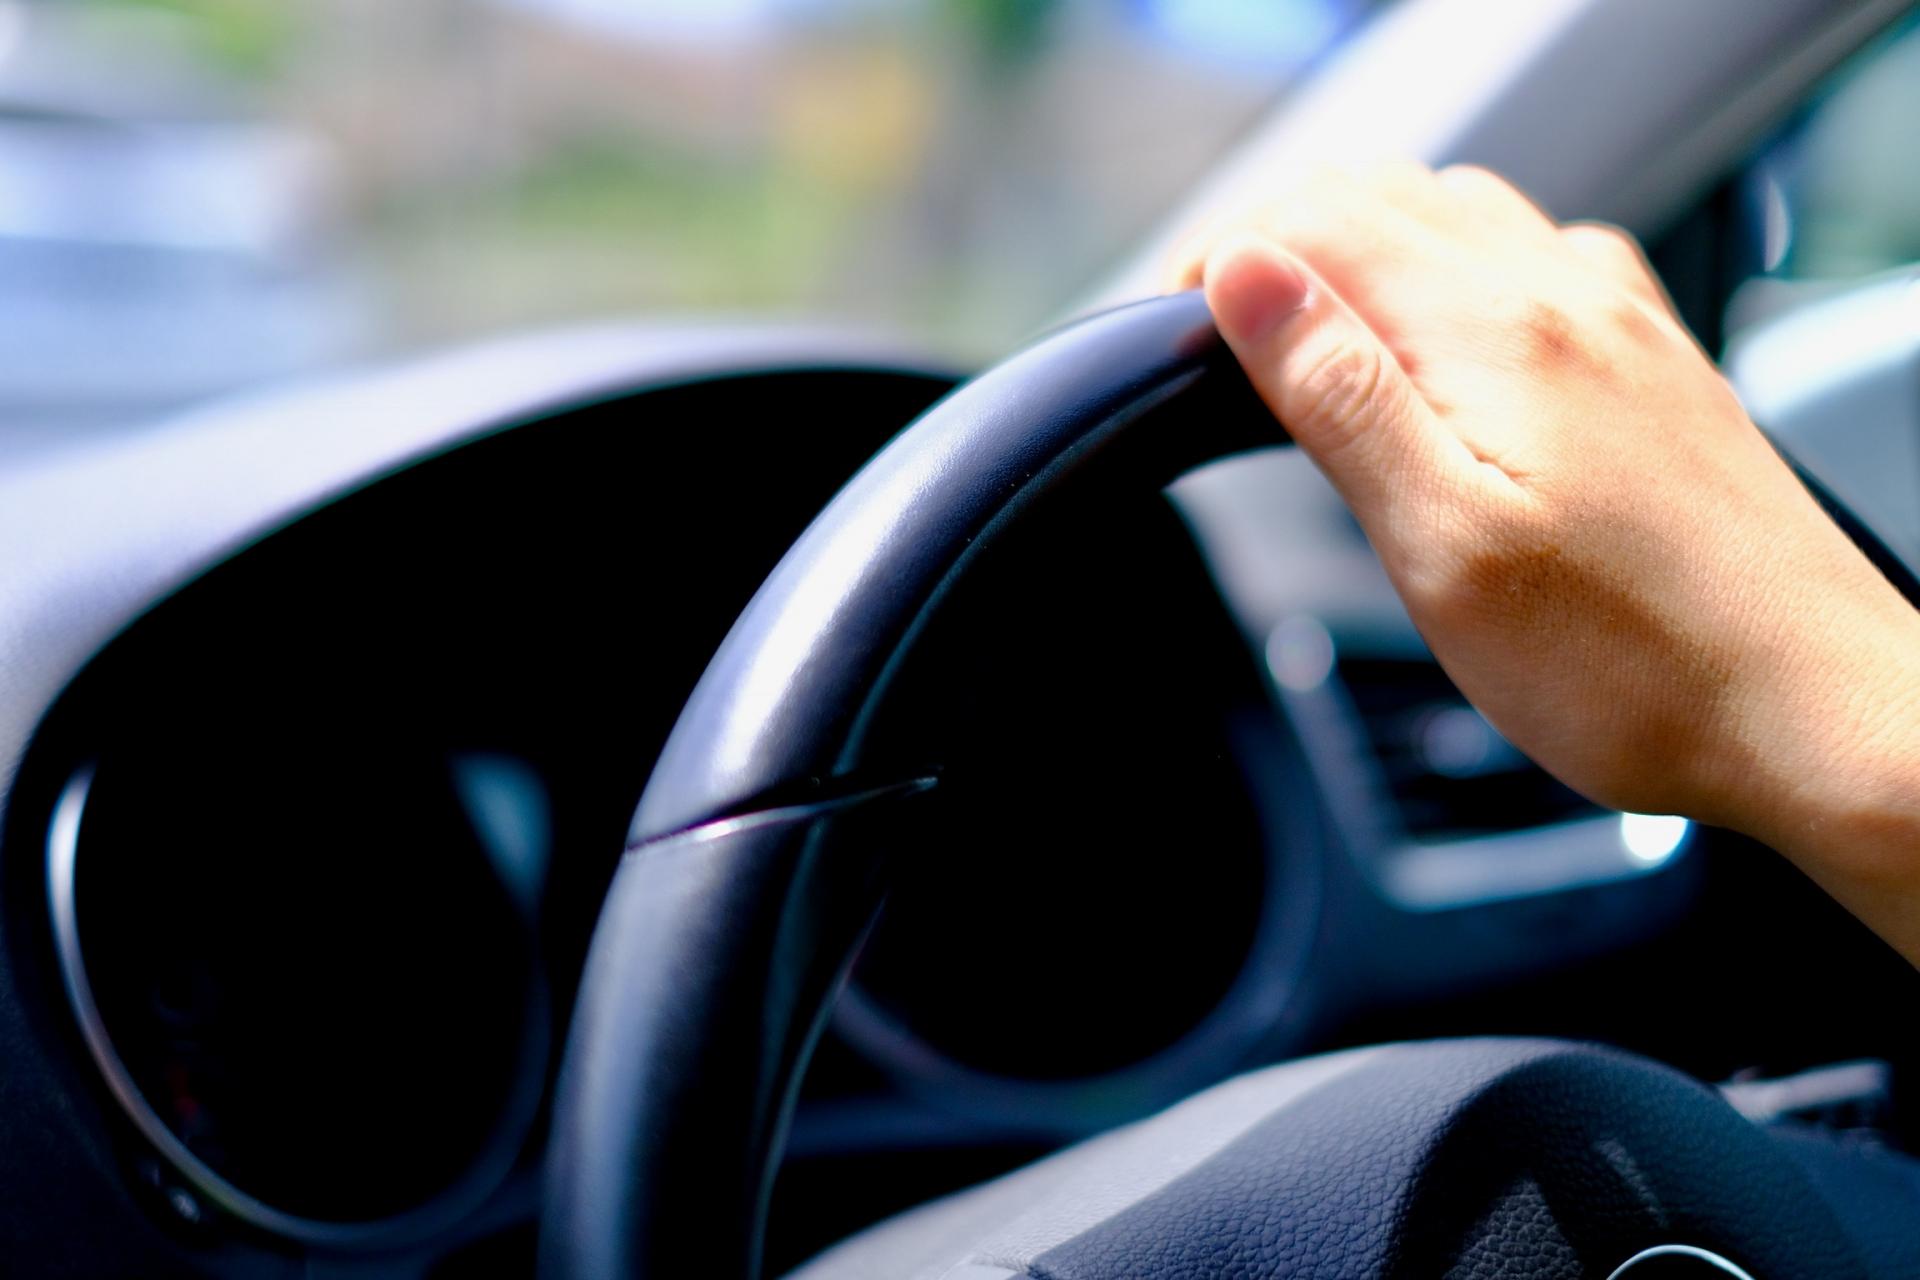 レンタカーの車内高温注意